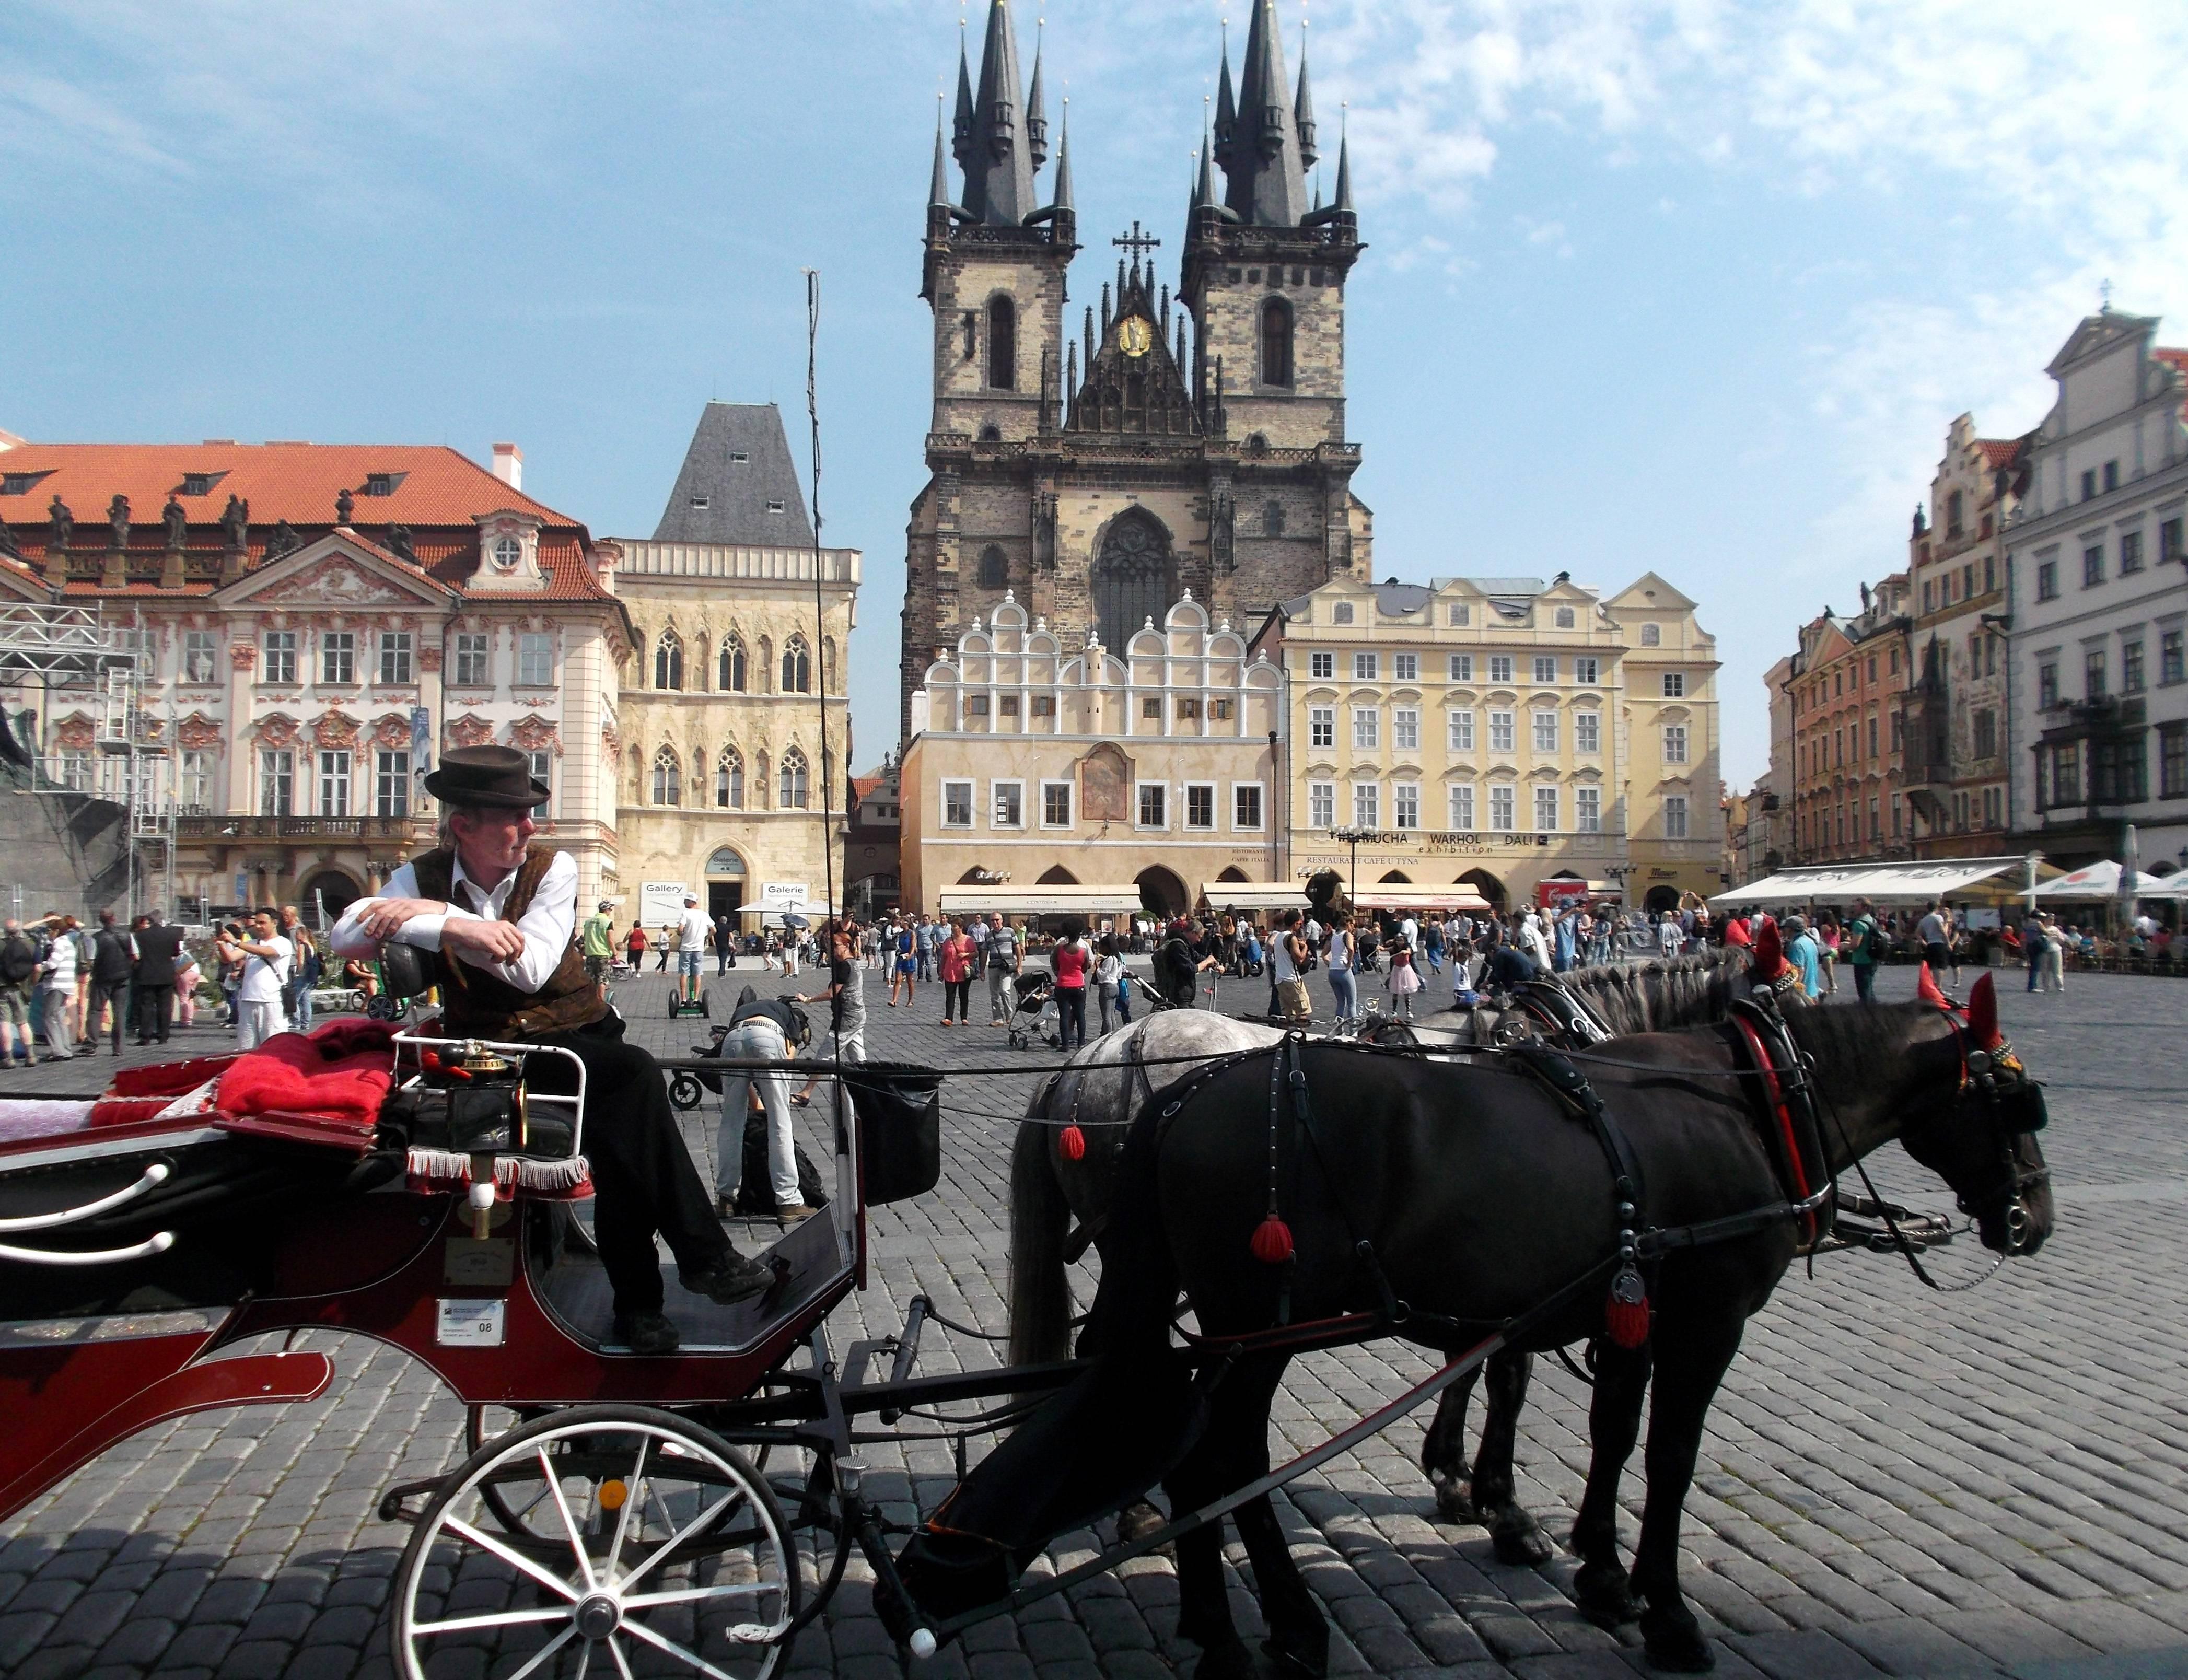 Что посмотреть в окрестностях праги: замки, города, достопримечательности — туристер.ру